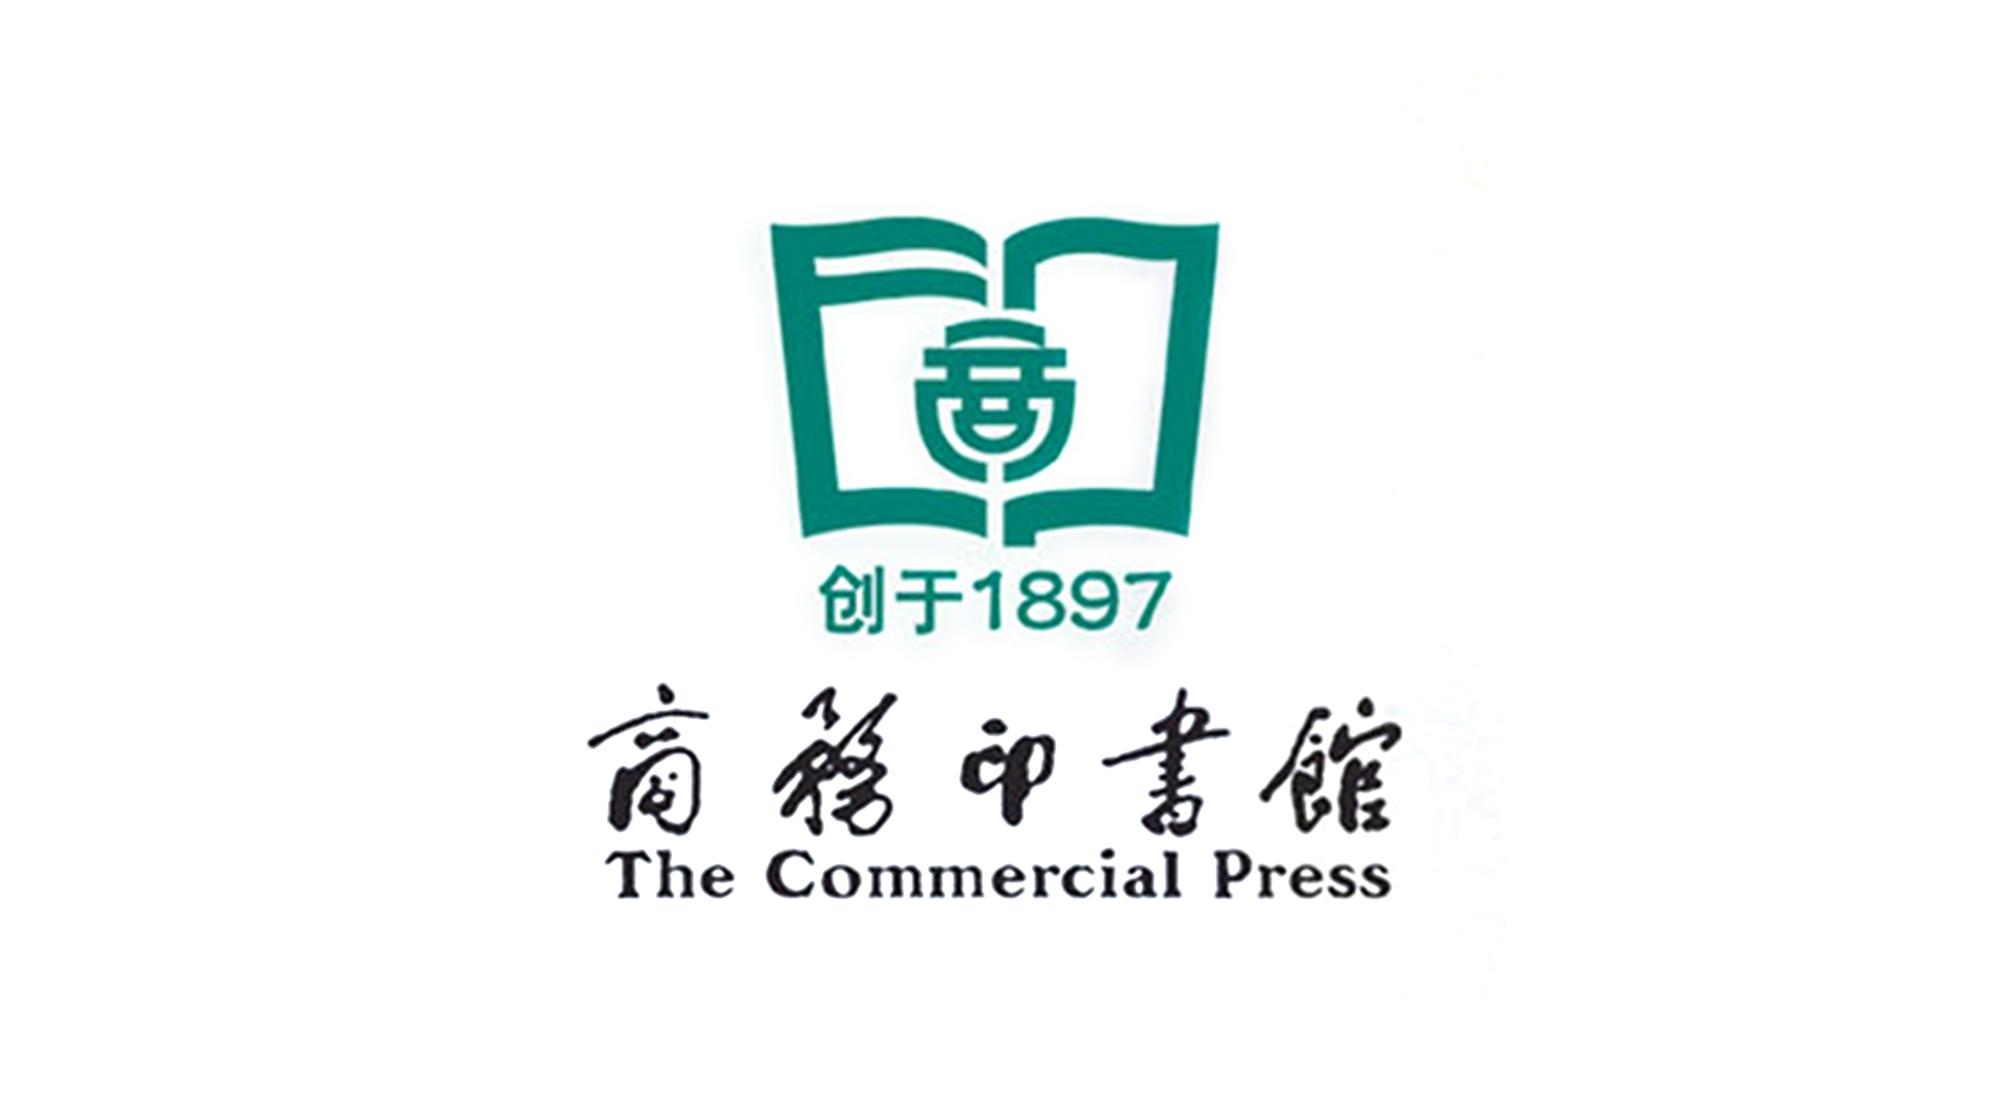 文体娱媒品牌设计商务印书馆LOGO优化&VI设计